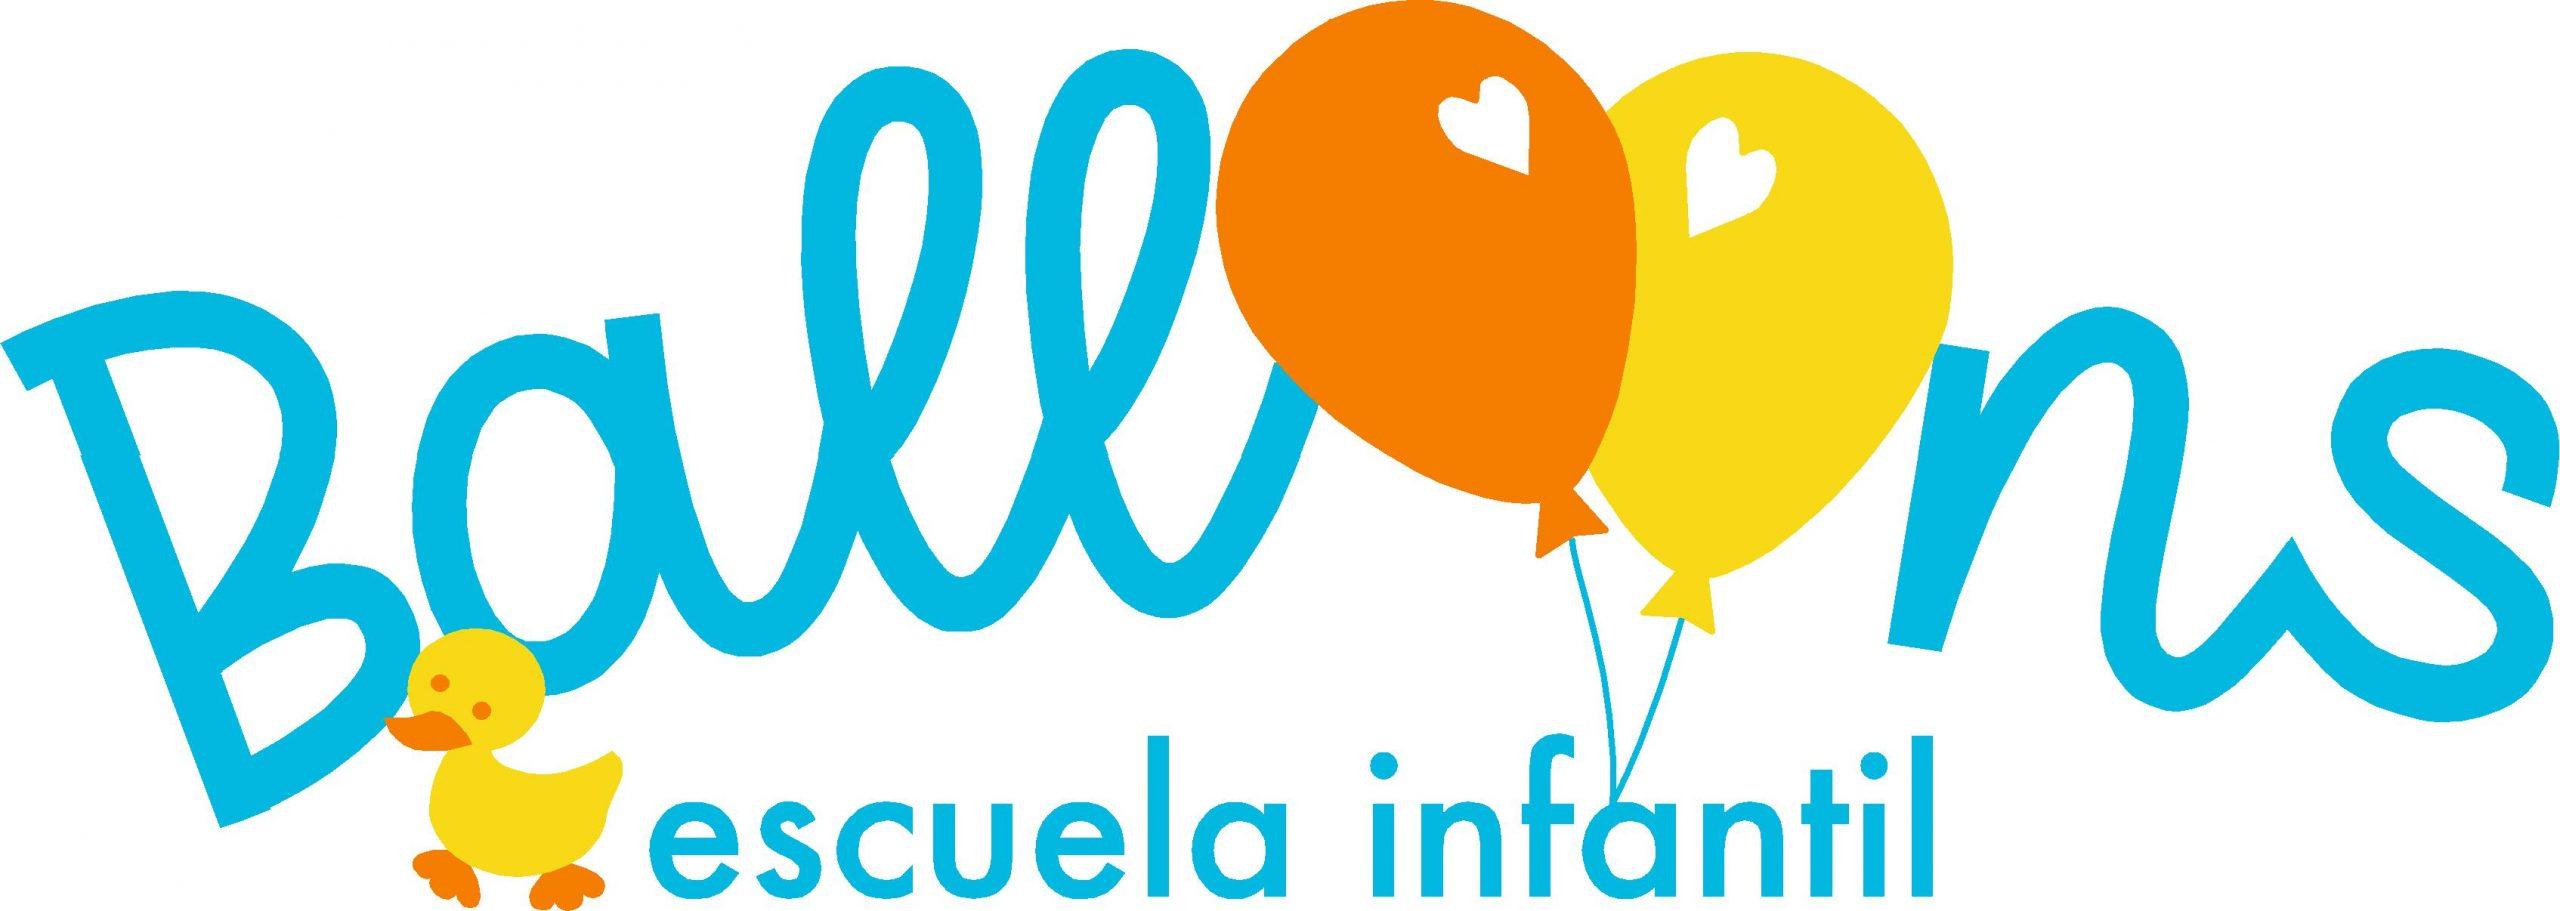 Escuela Balloons